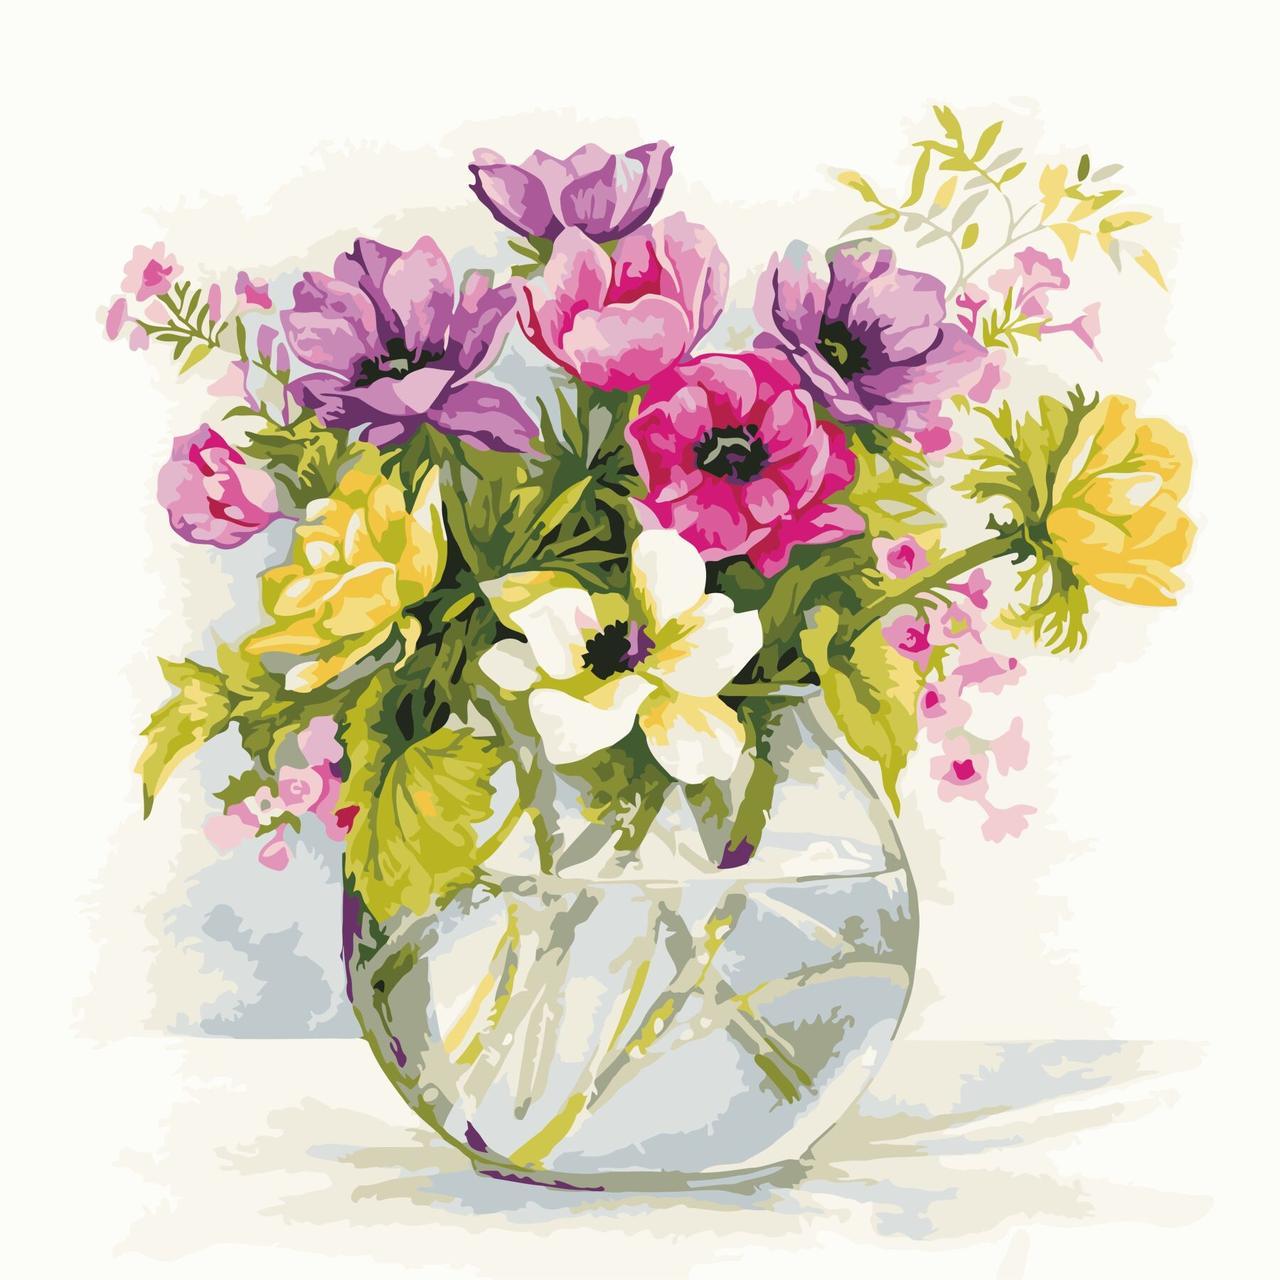 AS0609 Картина-набор по номерам Нежные садовые цветы, Без коробки